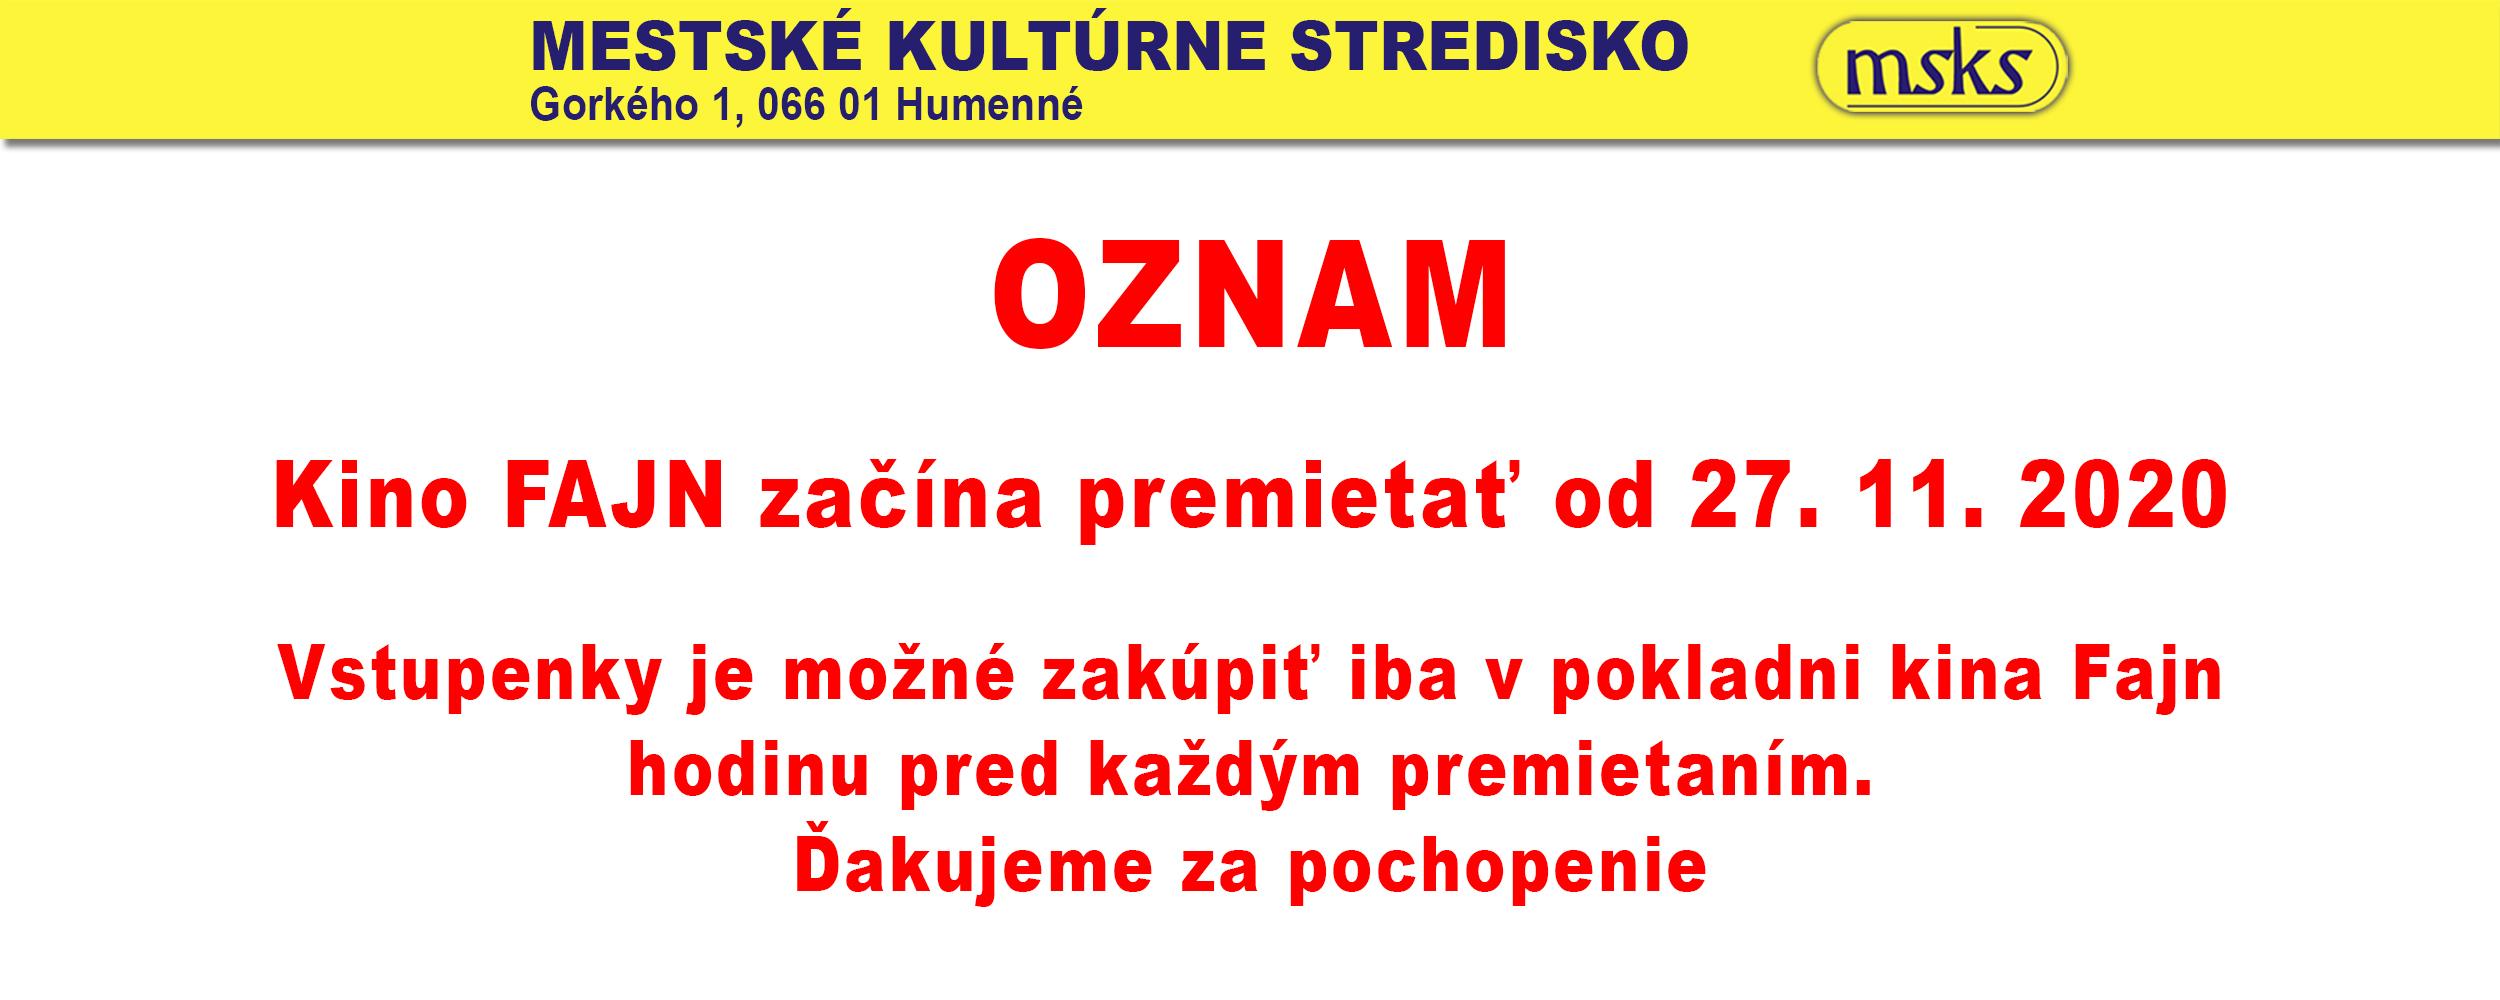 Kino Fajn Začína Premietať Oznam